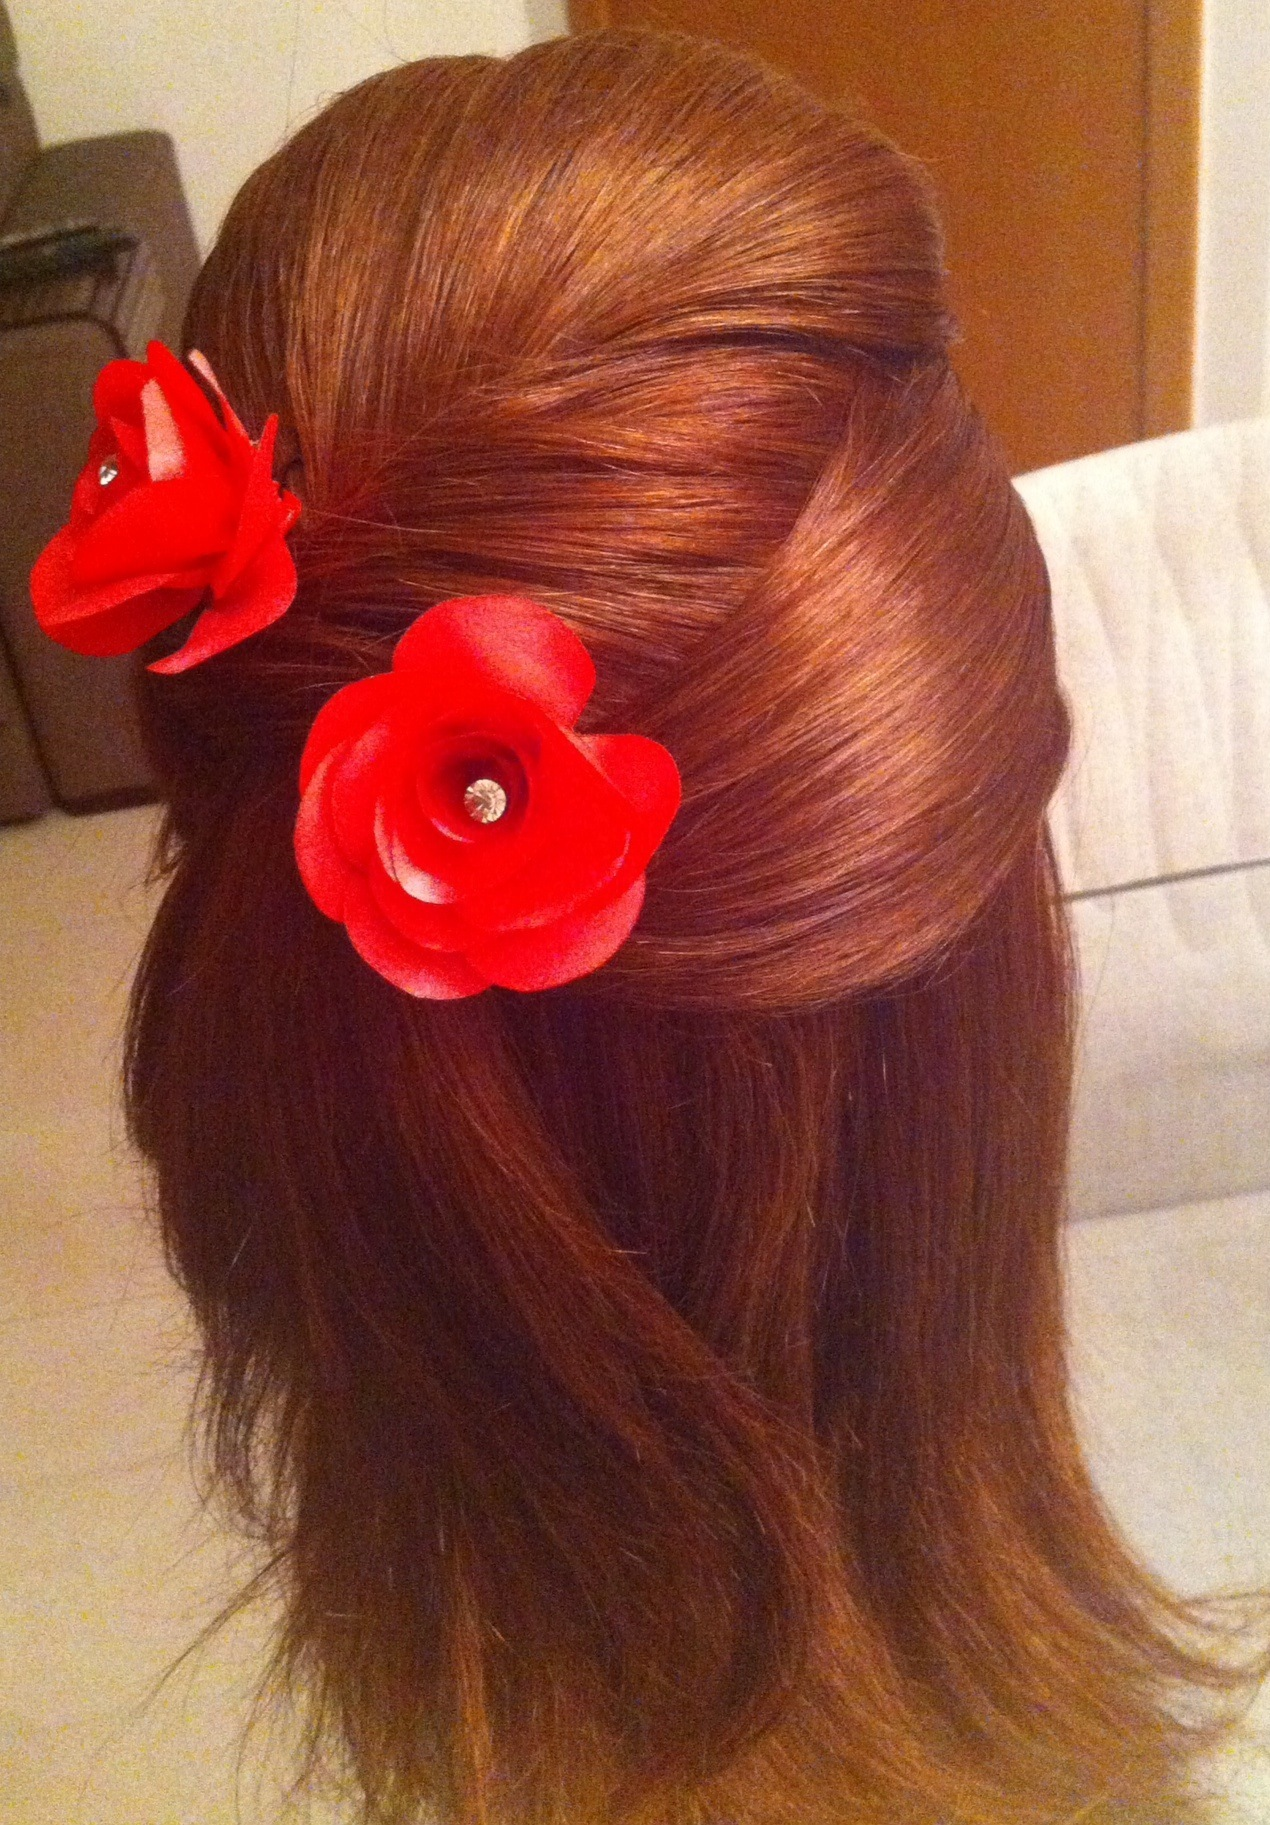 PENTEADO penteado noiva, tango, espanha cabelo  cabeleireiro(a) maquiador(a)